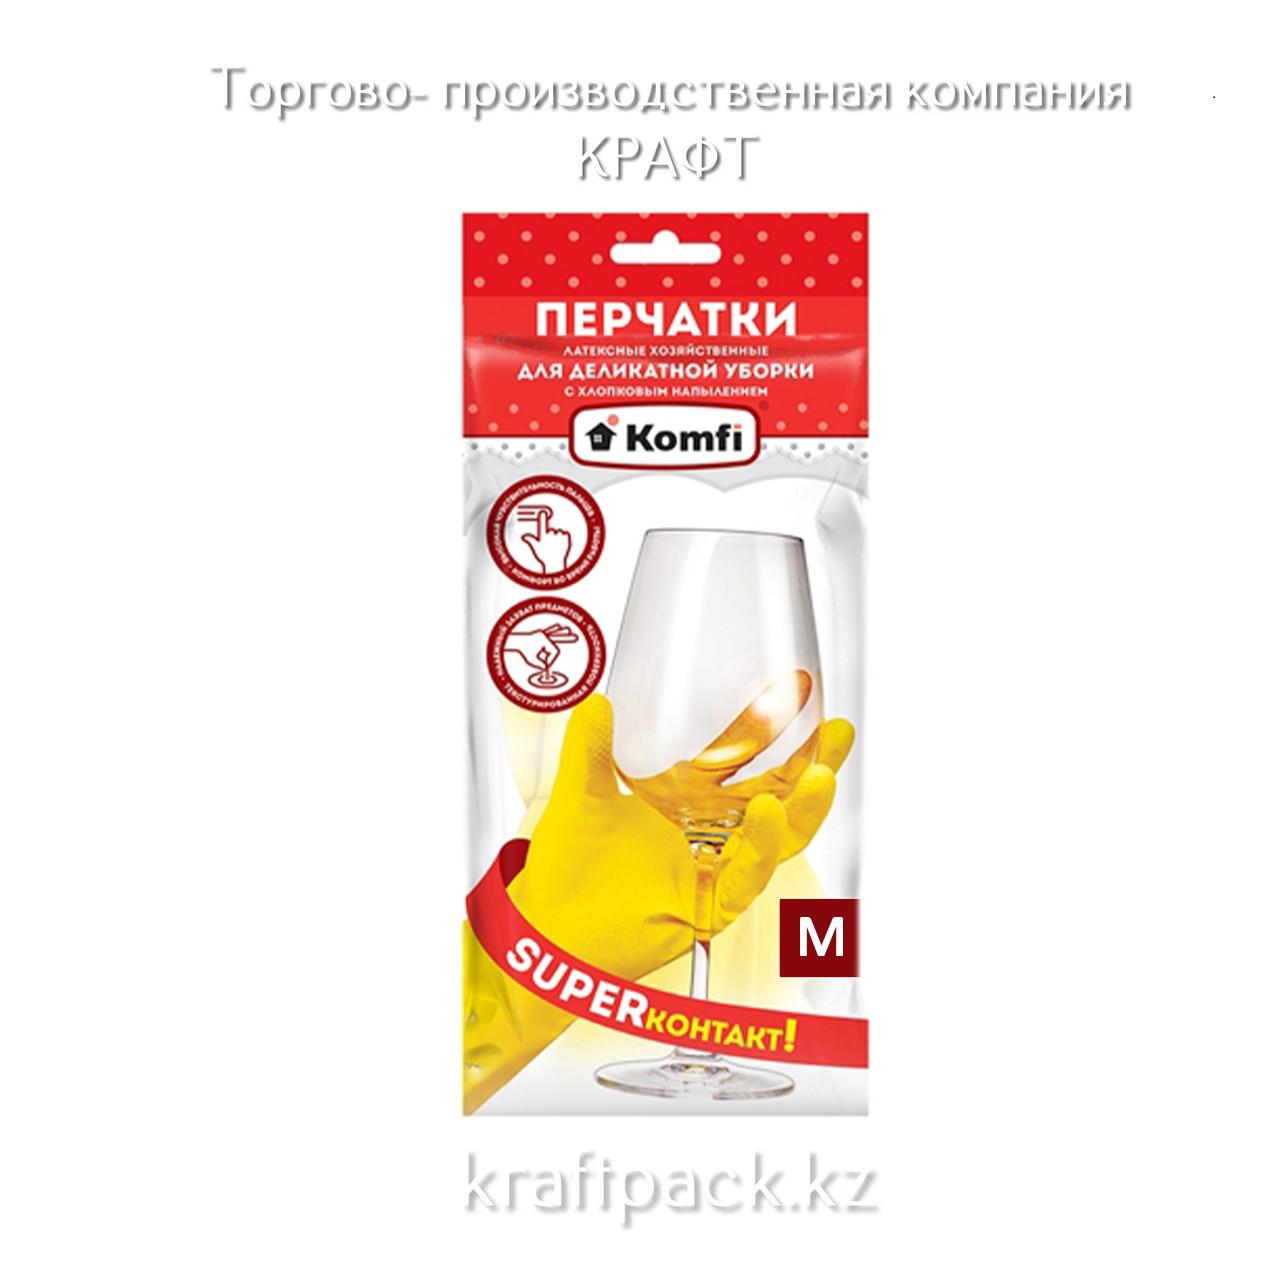 Перчатки хозяйственные латексные ДЛЯ ДЕЛИКАТНОЙ УБОРКИ М (2шт/пара) Komfi